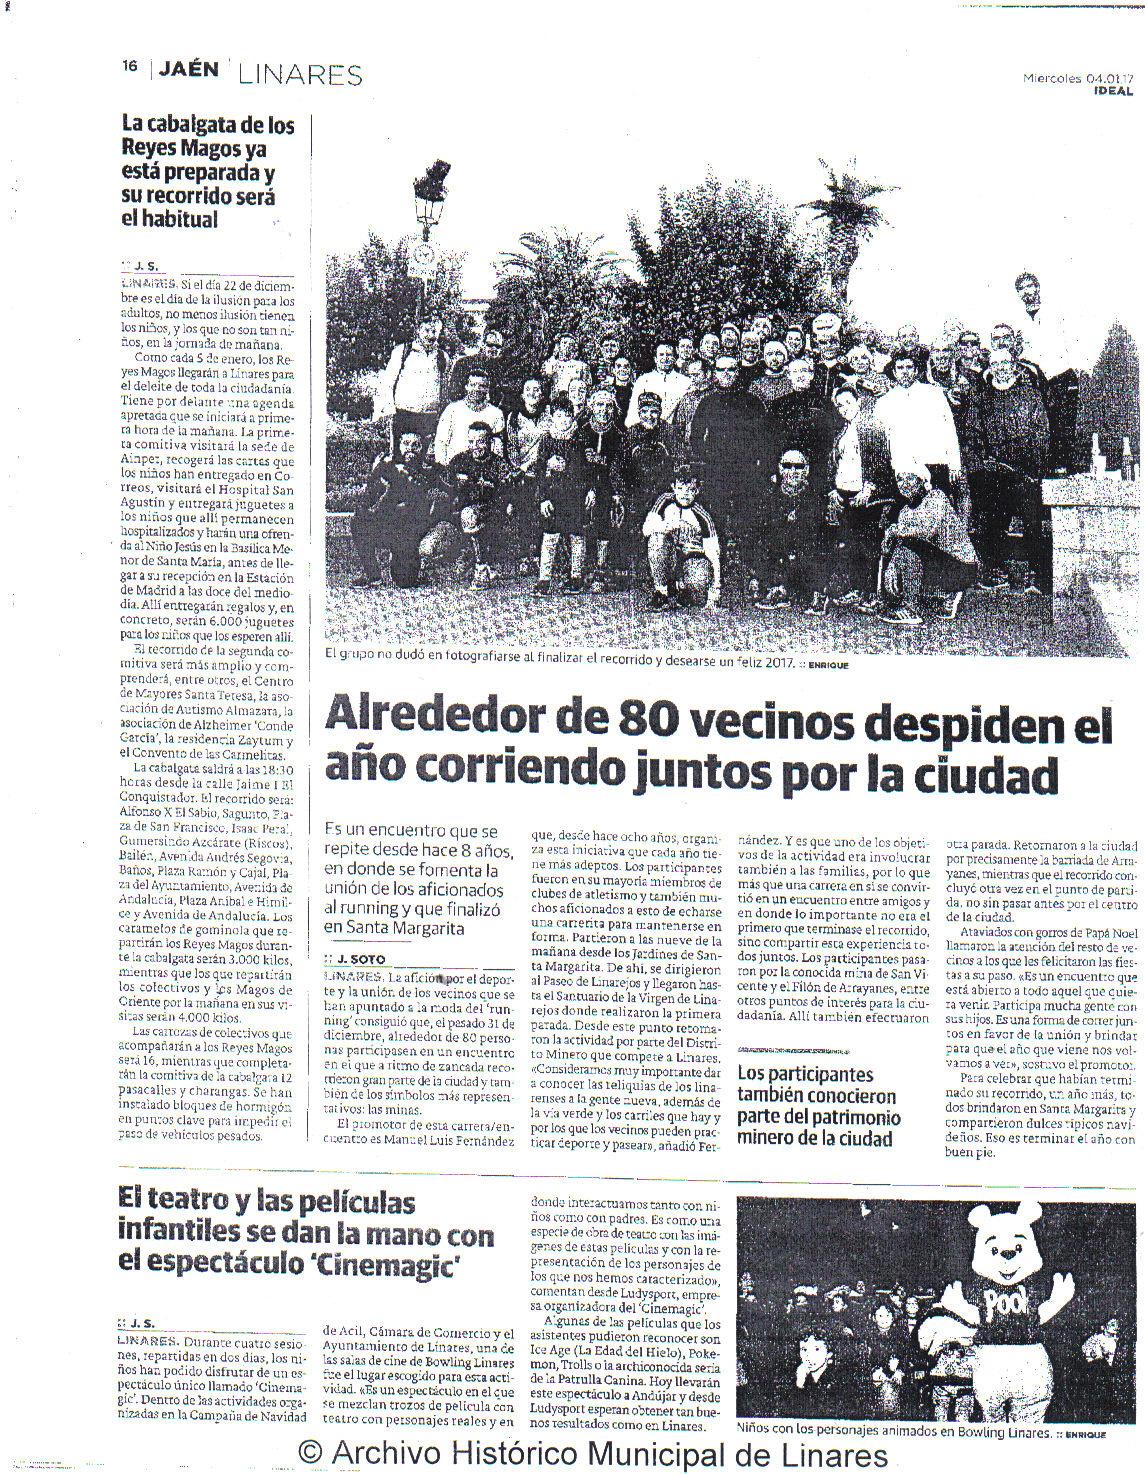 Prensa 4 de enero. Ideal